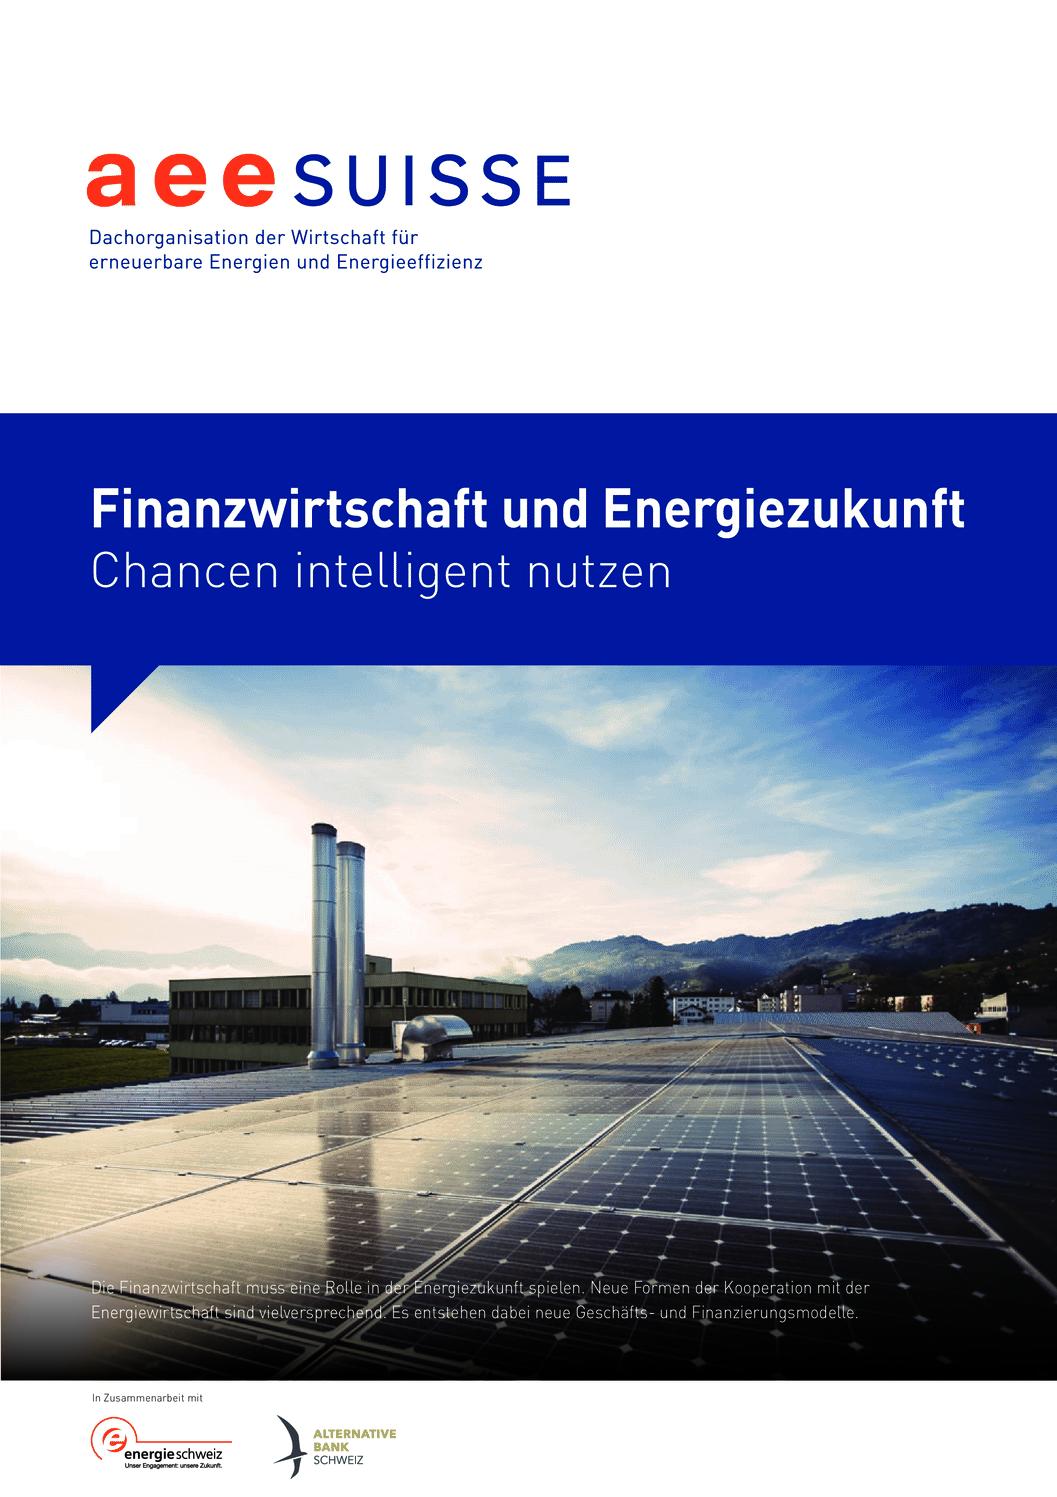 aee suisse Finanzwirtschaft Energiezukunft